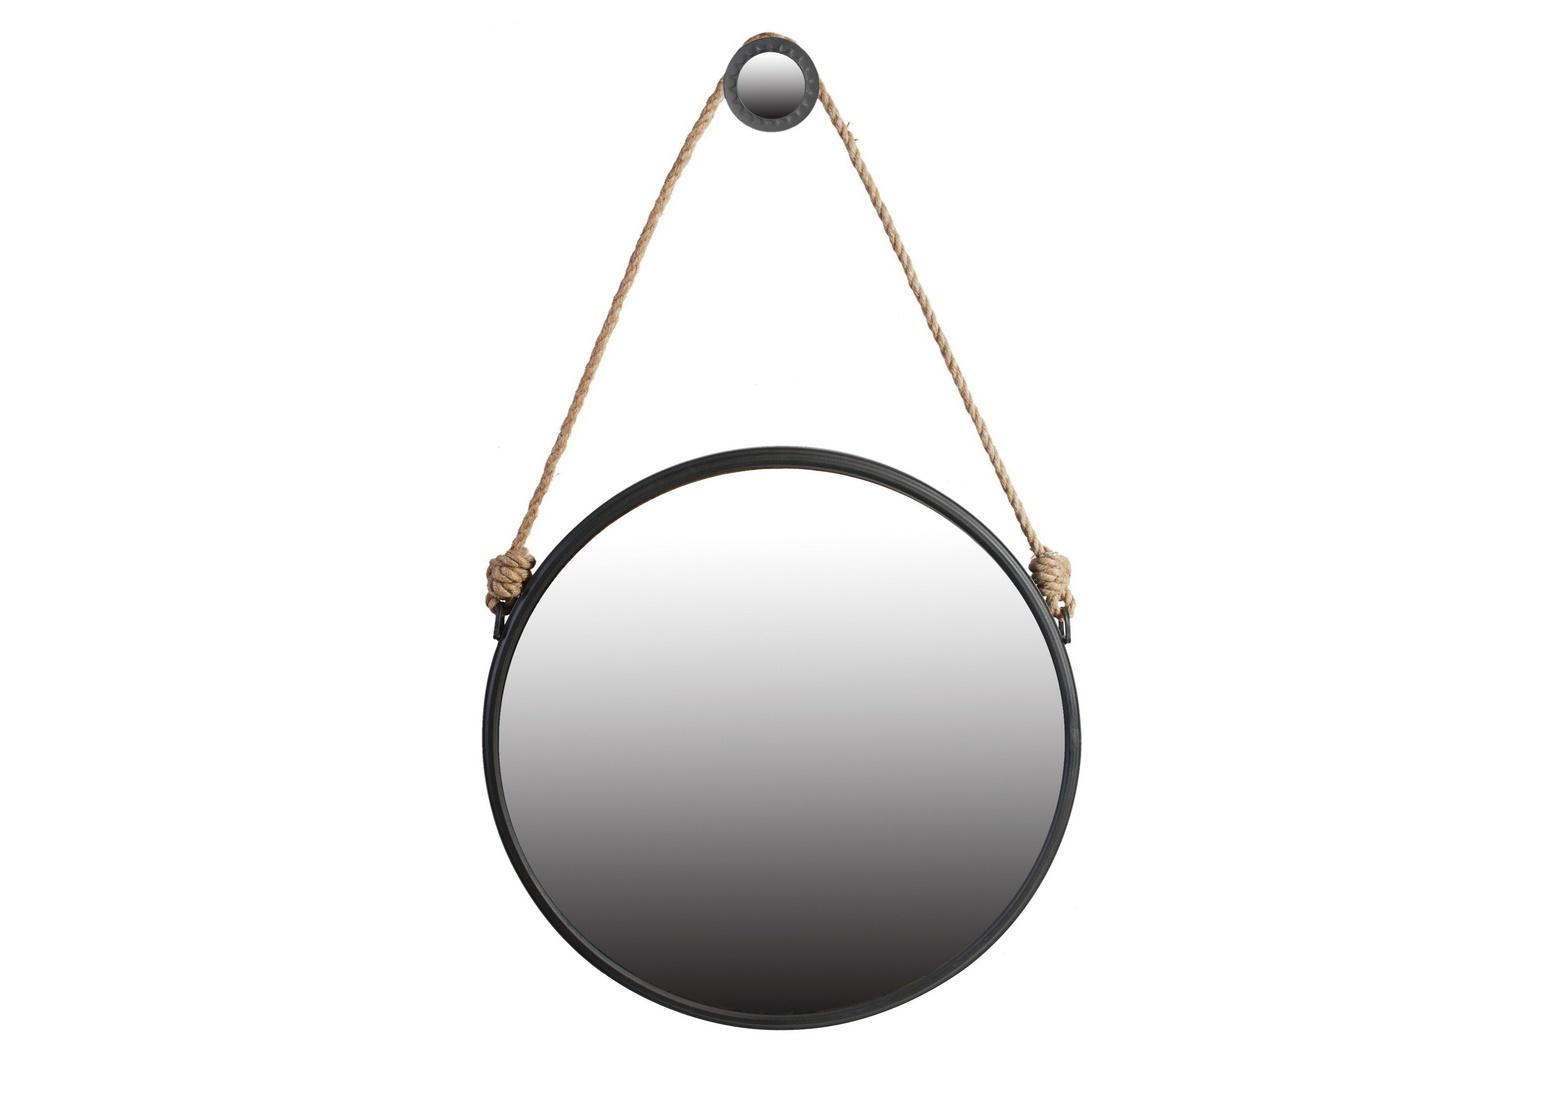 Зеркало настенноеНастенные зеркала<br>Необычное зеркало от итальянских дизайнеров Artevaluce производит впечатление старинной находки с чердака или блошиного рынка. Этот предмет сочетает в себе сразу несколько стилей. Здесь есть и лофт, и прованс. Такой «микс» не перегружает модель и делает ее завершенной.&amp;lt;br&amp;gt;&amp;lt;span style=&amp;quot;line-height: 27.7777786254883px;&amp;quot;&amp;gt;&amp;lt;div&amp;gt;&amp;lt;span style=&amp;quot;line-height: 27.7777786254883px;&amp;quot;&amp;gt;&amp;lt;br&amp;gt;&amp;lt;/span&amp;gt;&amp;lt;/div&amp;gt;&amp;lt;/span&amp;gt;&amp;lt;div style=&amp;quot;line-height: 27.7777786254883px;&amp;quot;&amp;gt;Материал - металл, зеркало&amp;lt;/div&amp;gt;<br><br>Material: Стекло<br>Length см: 75<br>Width см: 75<br>Height см: None<br>Diameter см: None